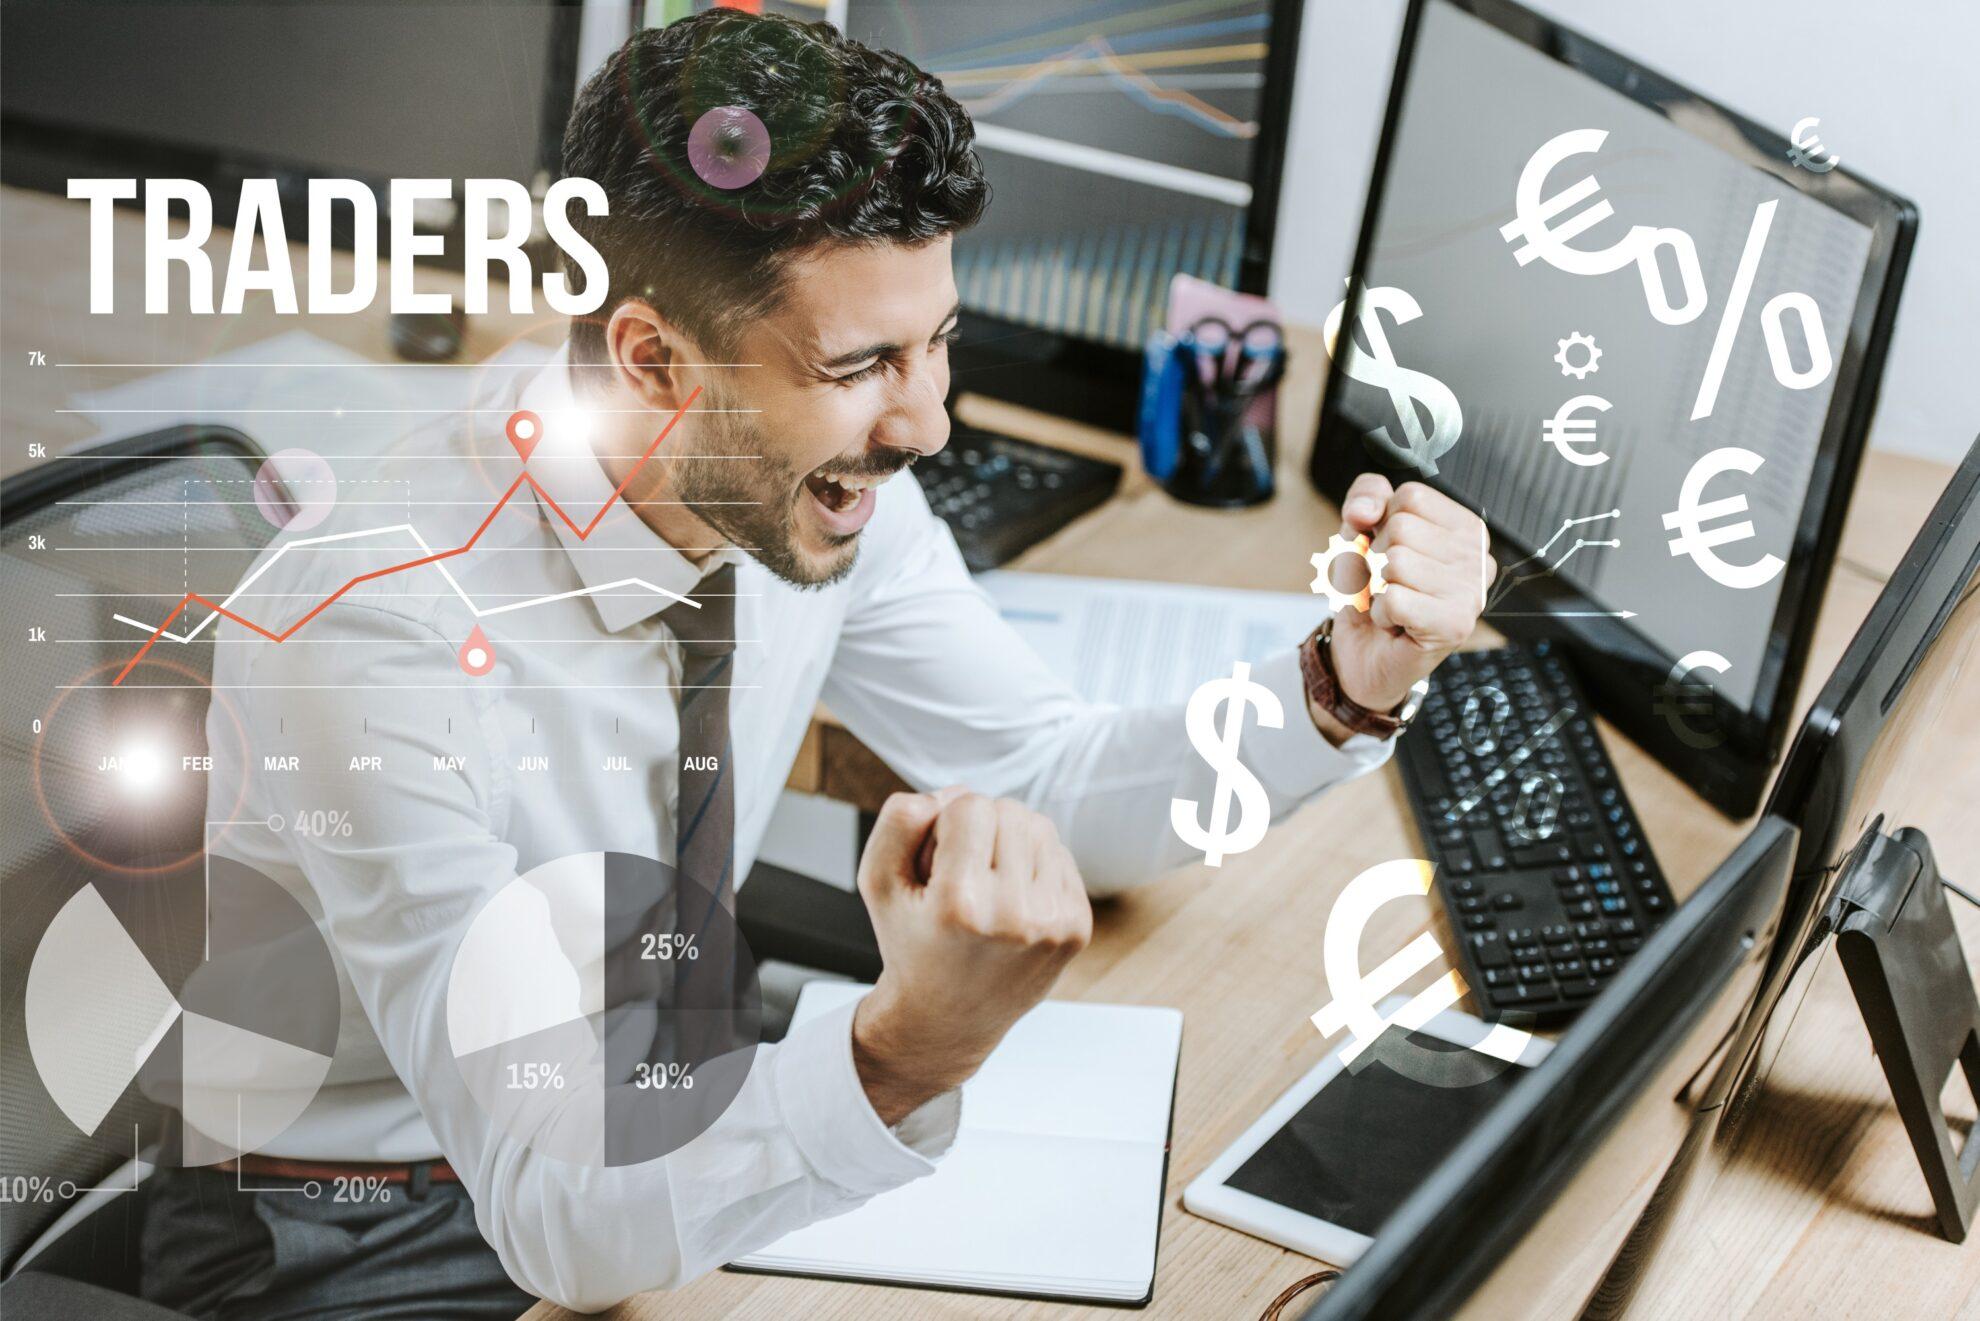 odzyskiwanie pieniędzy z forex